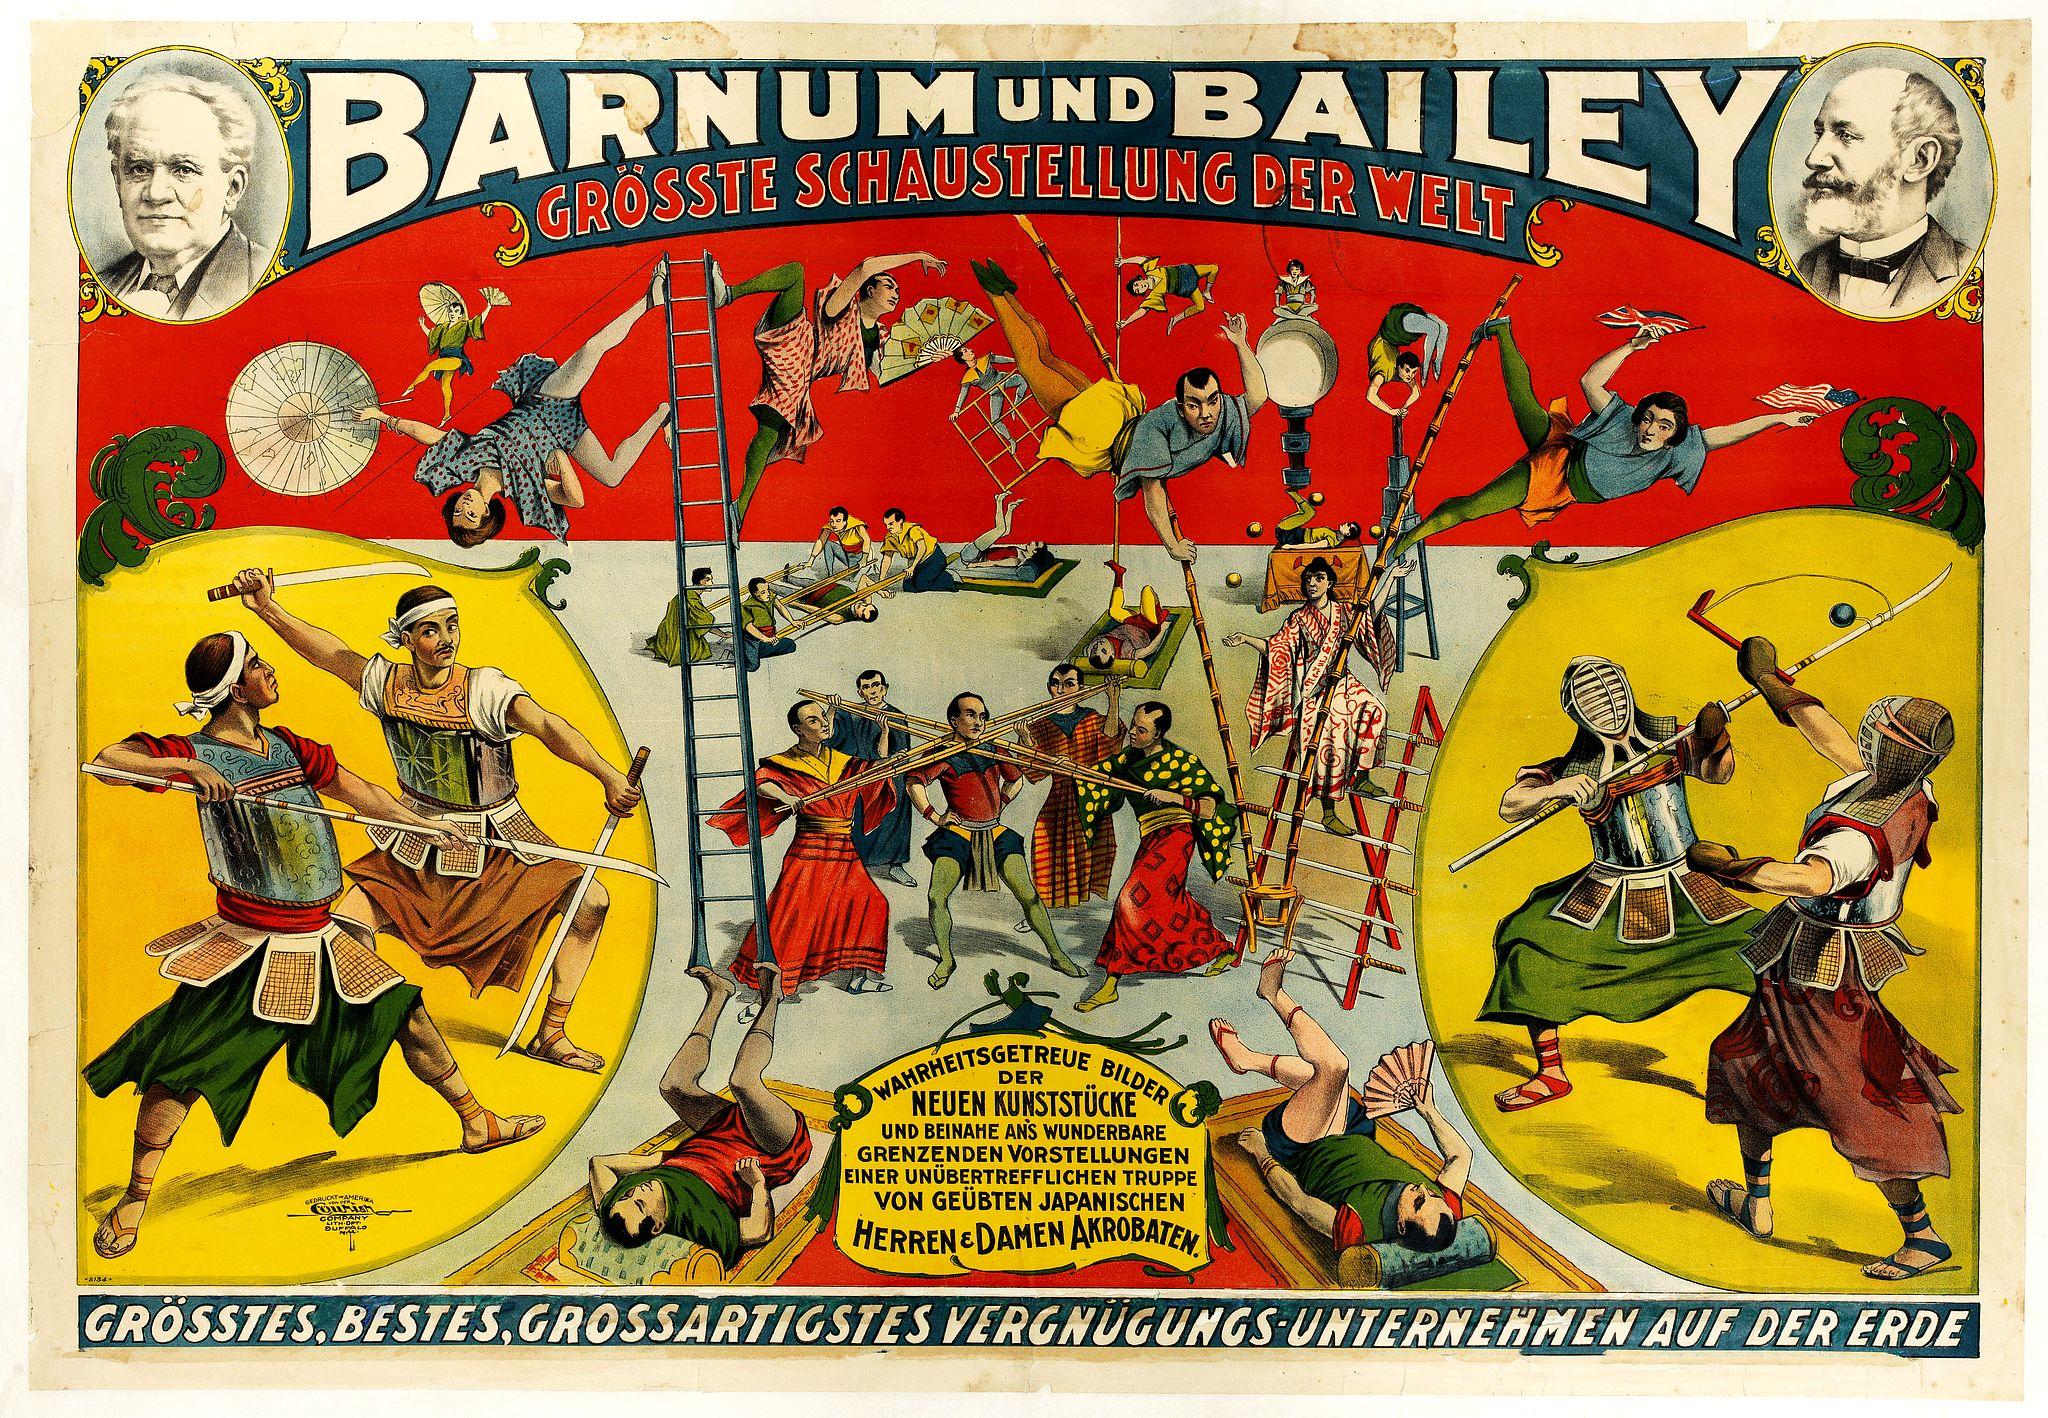 BARNUM UND BAILEY -  Wahrheitsgetreue Bilder der neuen Kunststücke und beiname ans wunderbare grenzenden vorstellungen einer unübertrefflichen truppe von geübten Japanische Herren & Damen akrobaten.